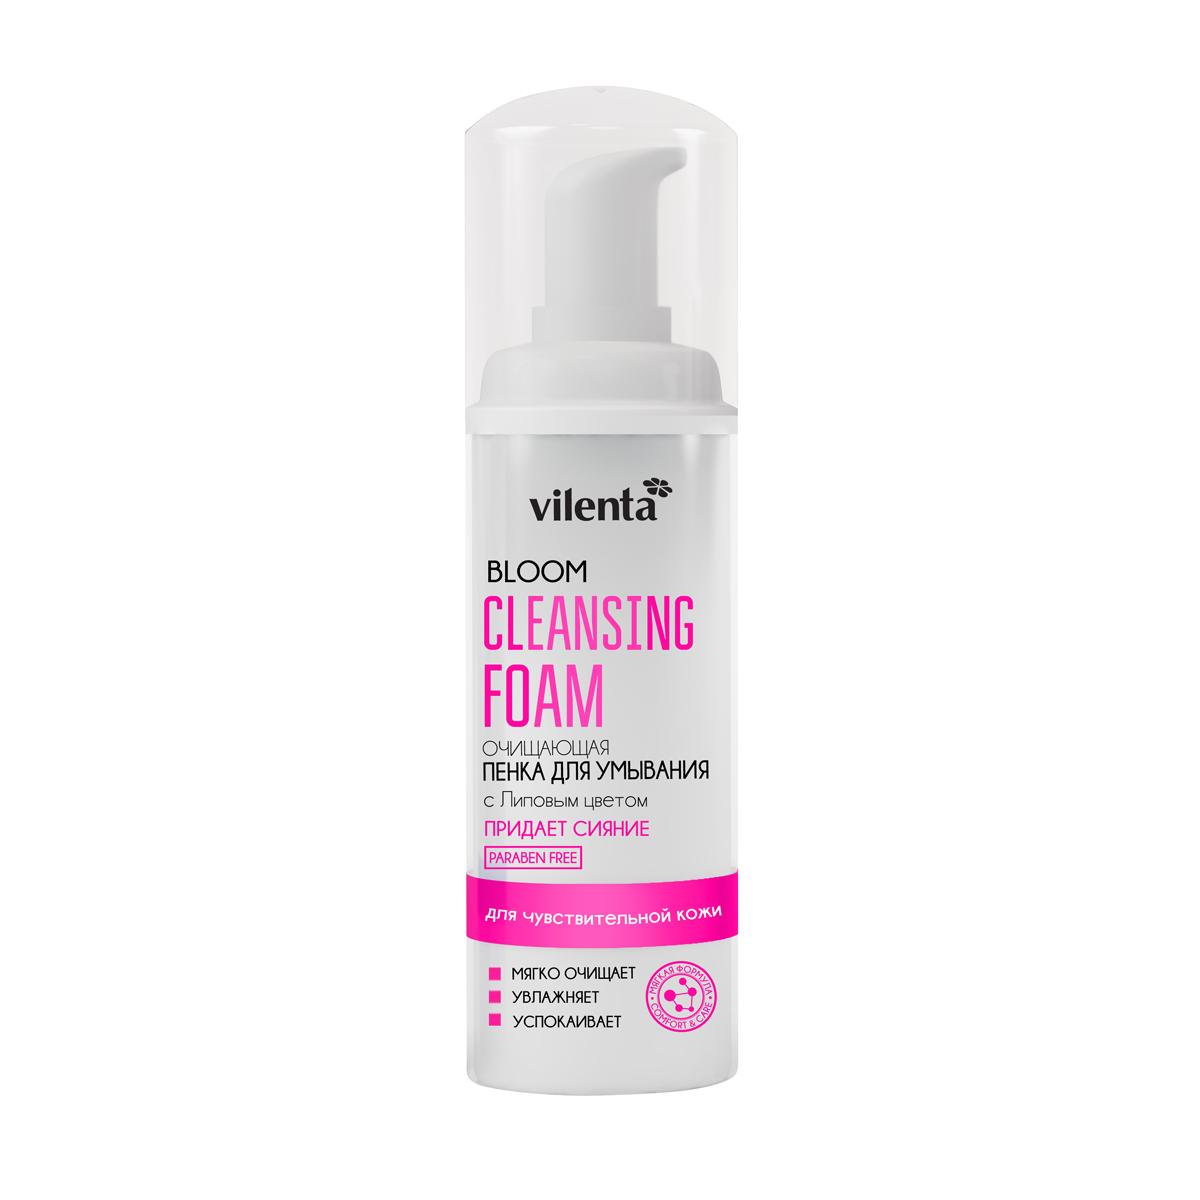 Vilenta Пенка для умывания для чувствительной кожи Bloom, 150 млВОС005Пенка для умывания с нежной воздушной текстурой легко распределяется по коже и тщательно очищает ее от загрязнений, поддерживая оптимальный водный баланс. Аллантоин, пантенол и экстракт липового цвета оказывают увлажняющее действие, восстанавливая естественное сияние коже.